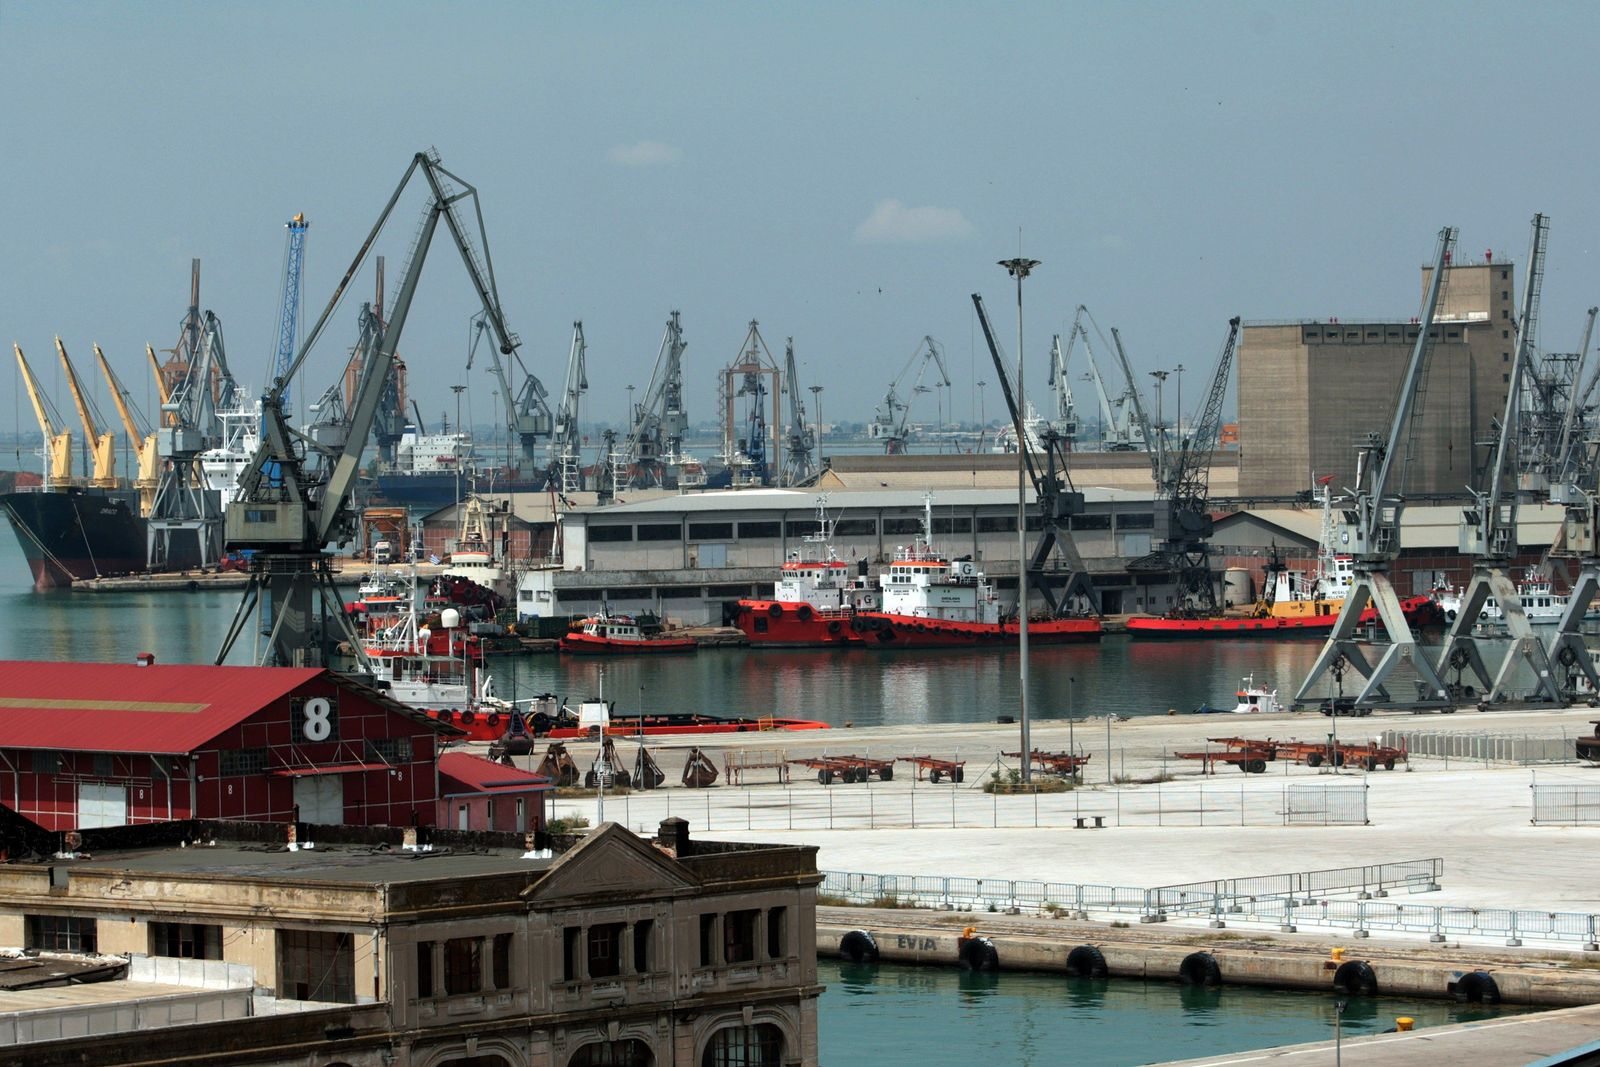 Griechenland / Hafen von Thessaloniki